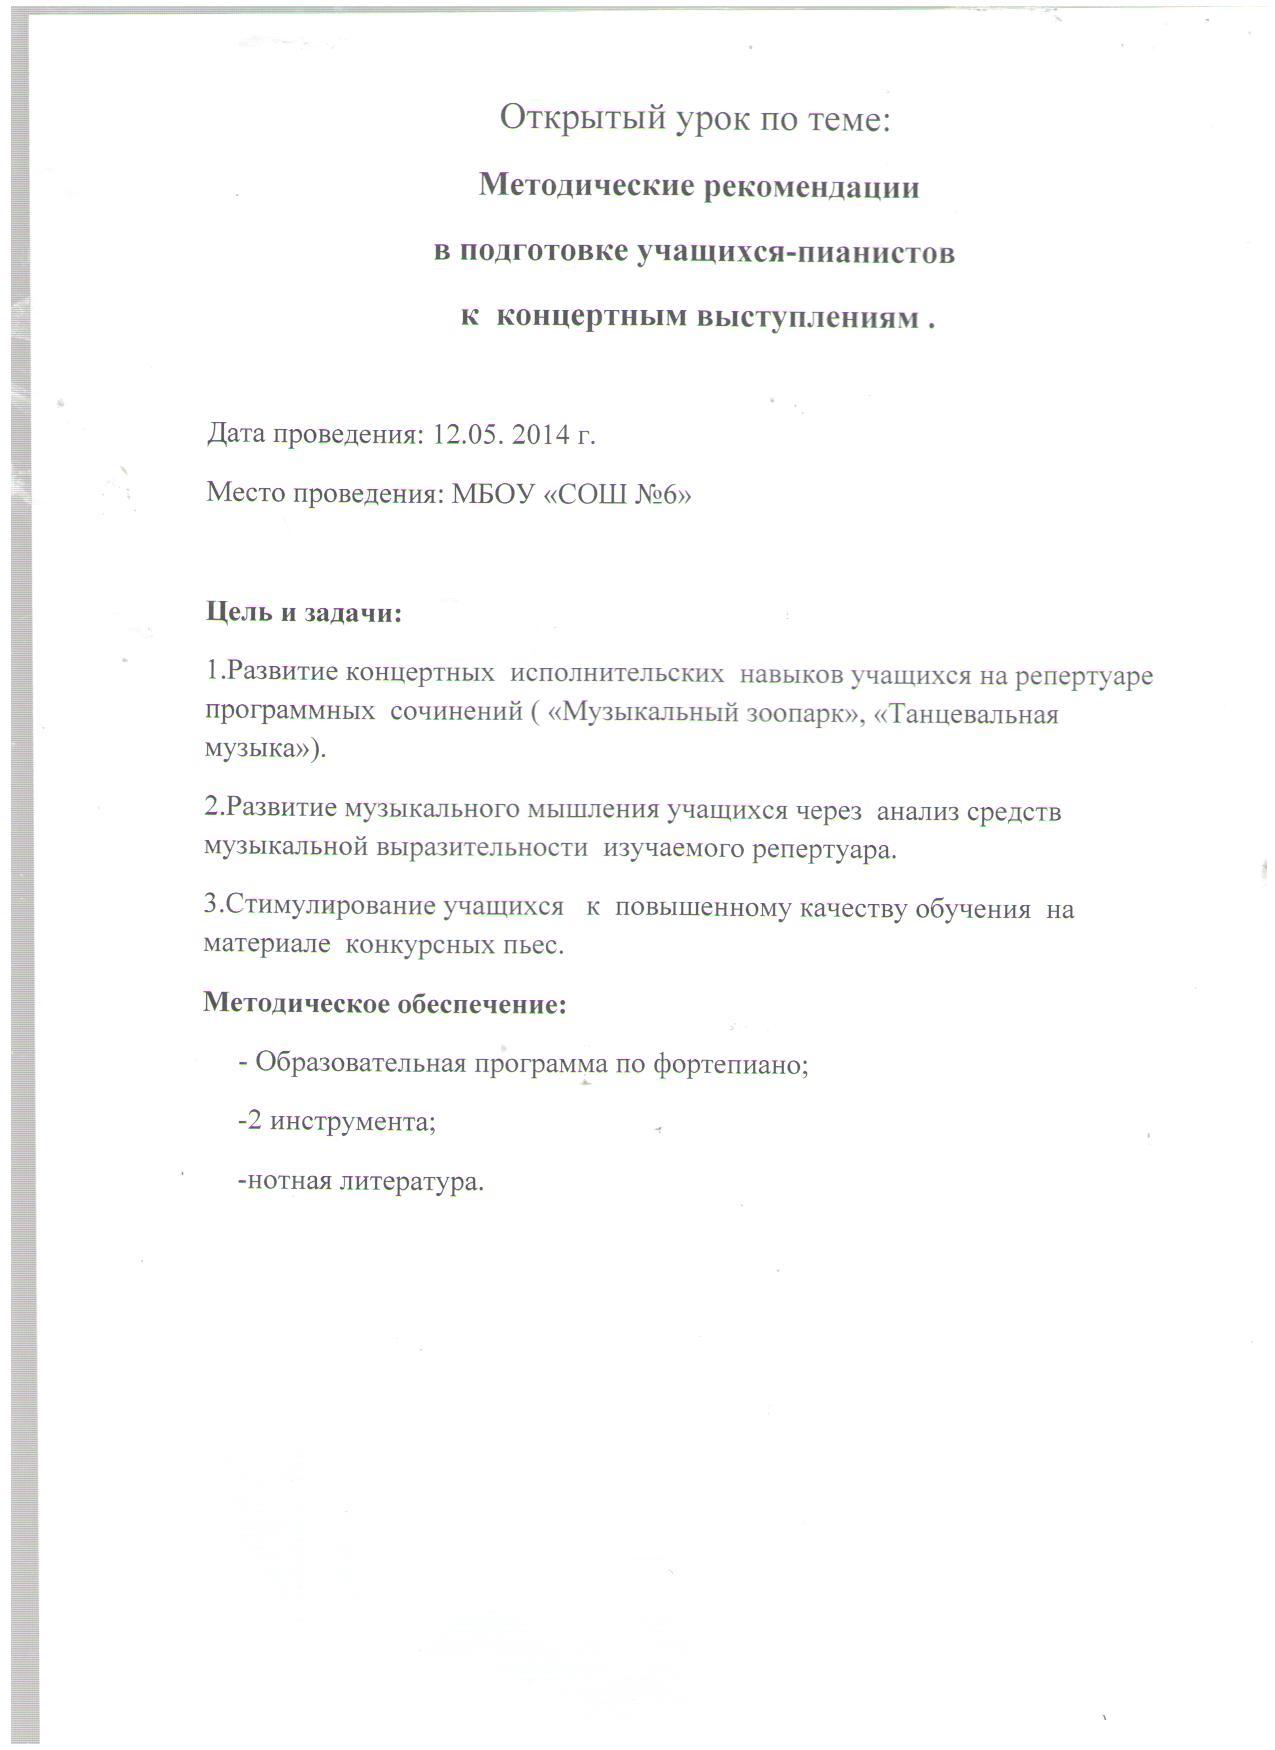 C:\Users\Нина\Desktop\Пономарева11\открытый урок3 010.jpg